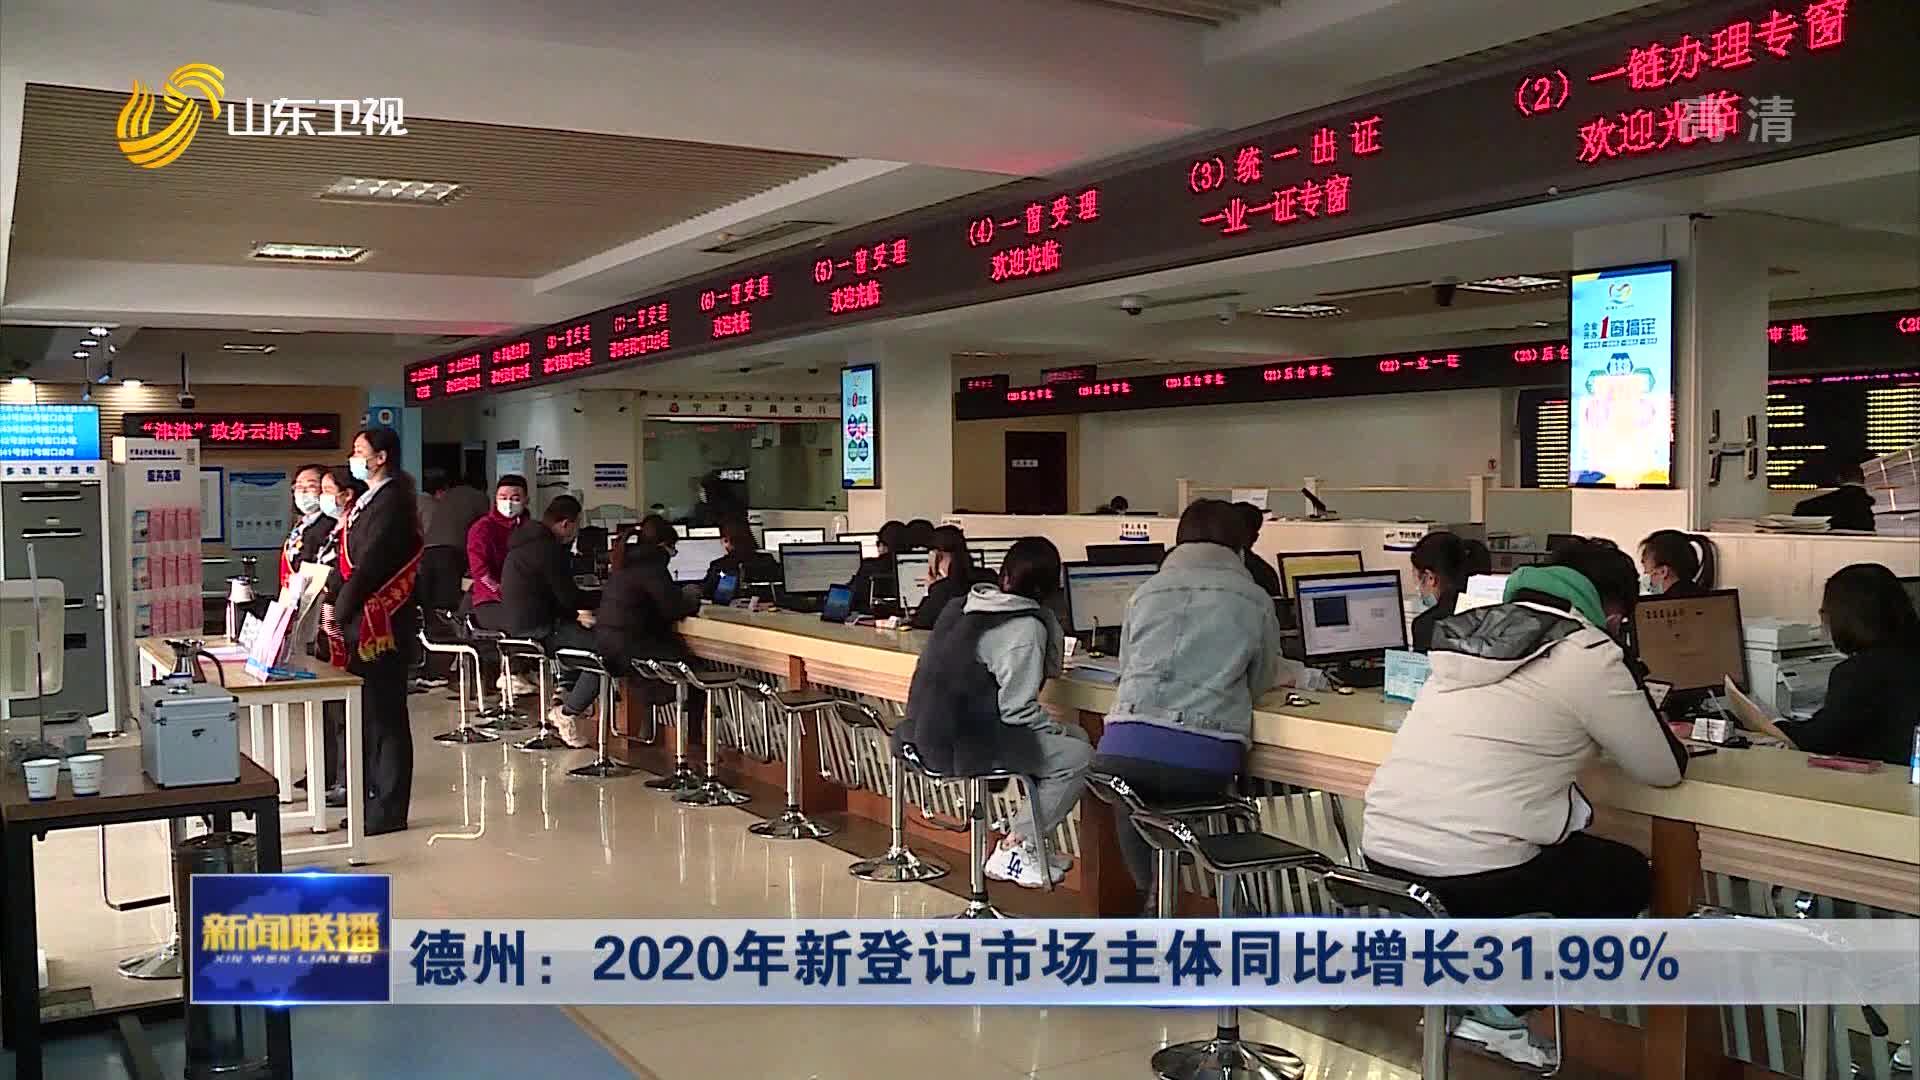 德州: 2020年新登记市场主体同比增长31.99%